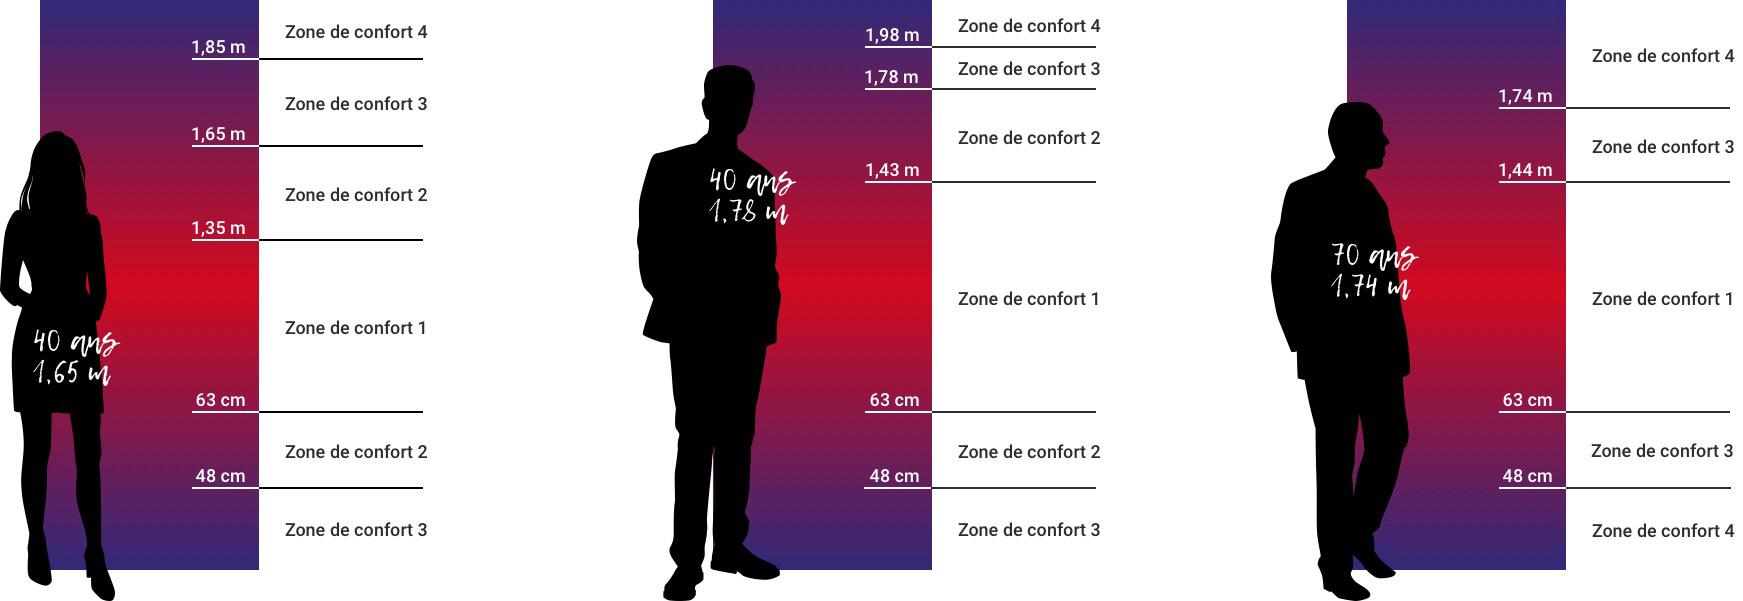 zones-de-confort-marx-design-in-holz